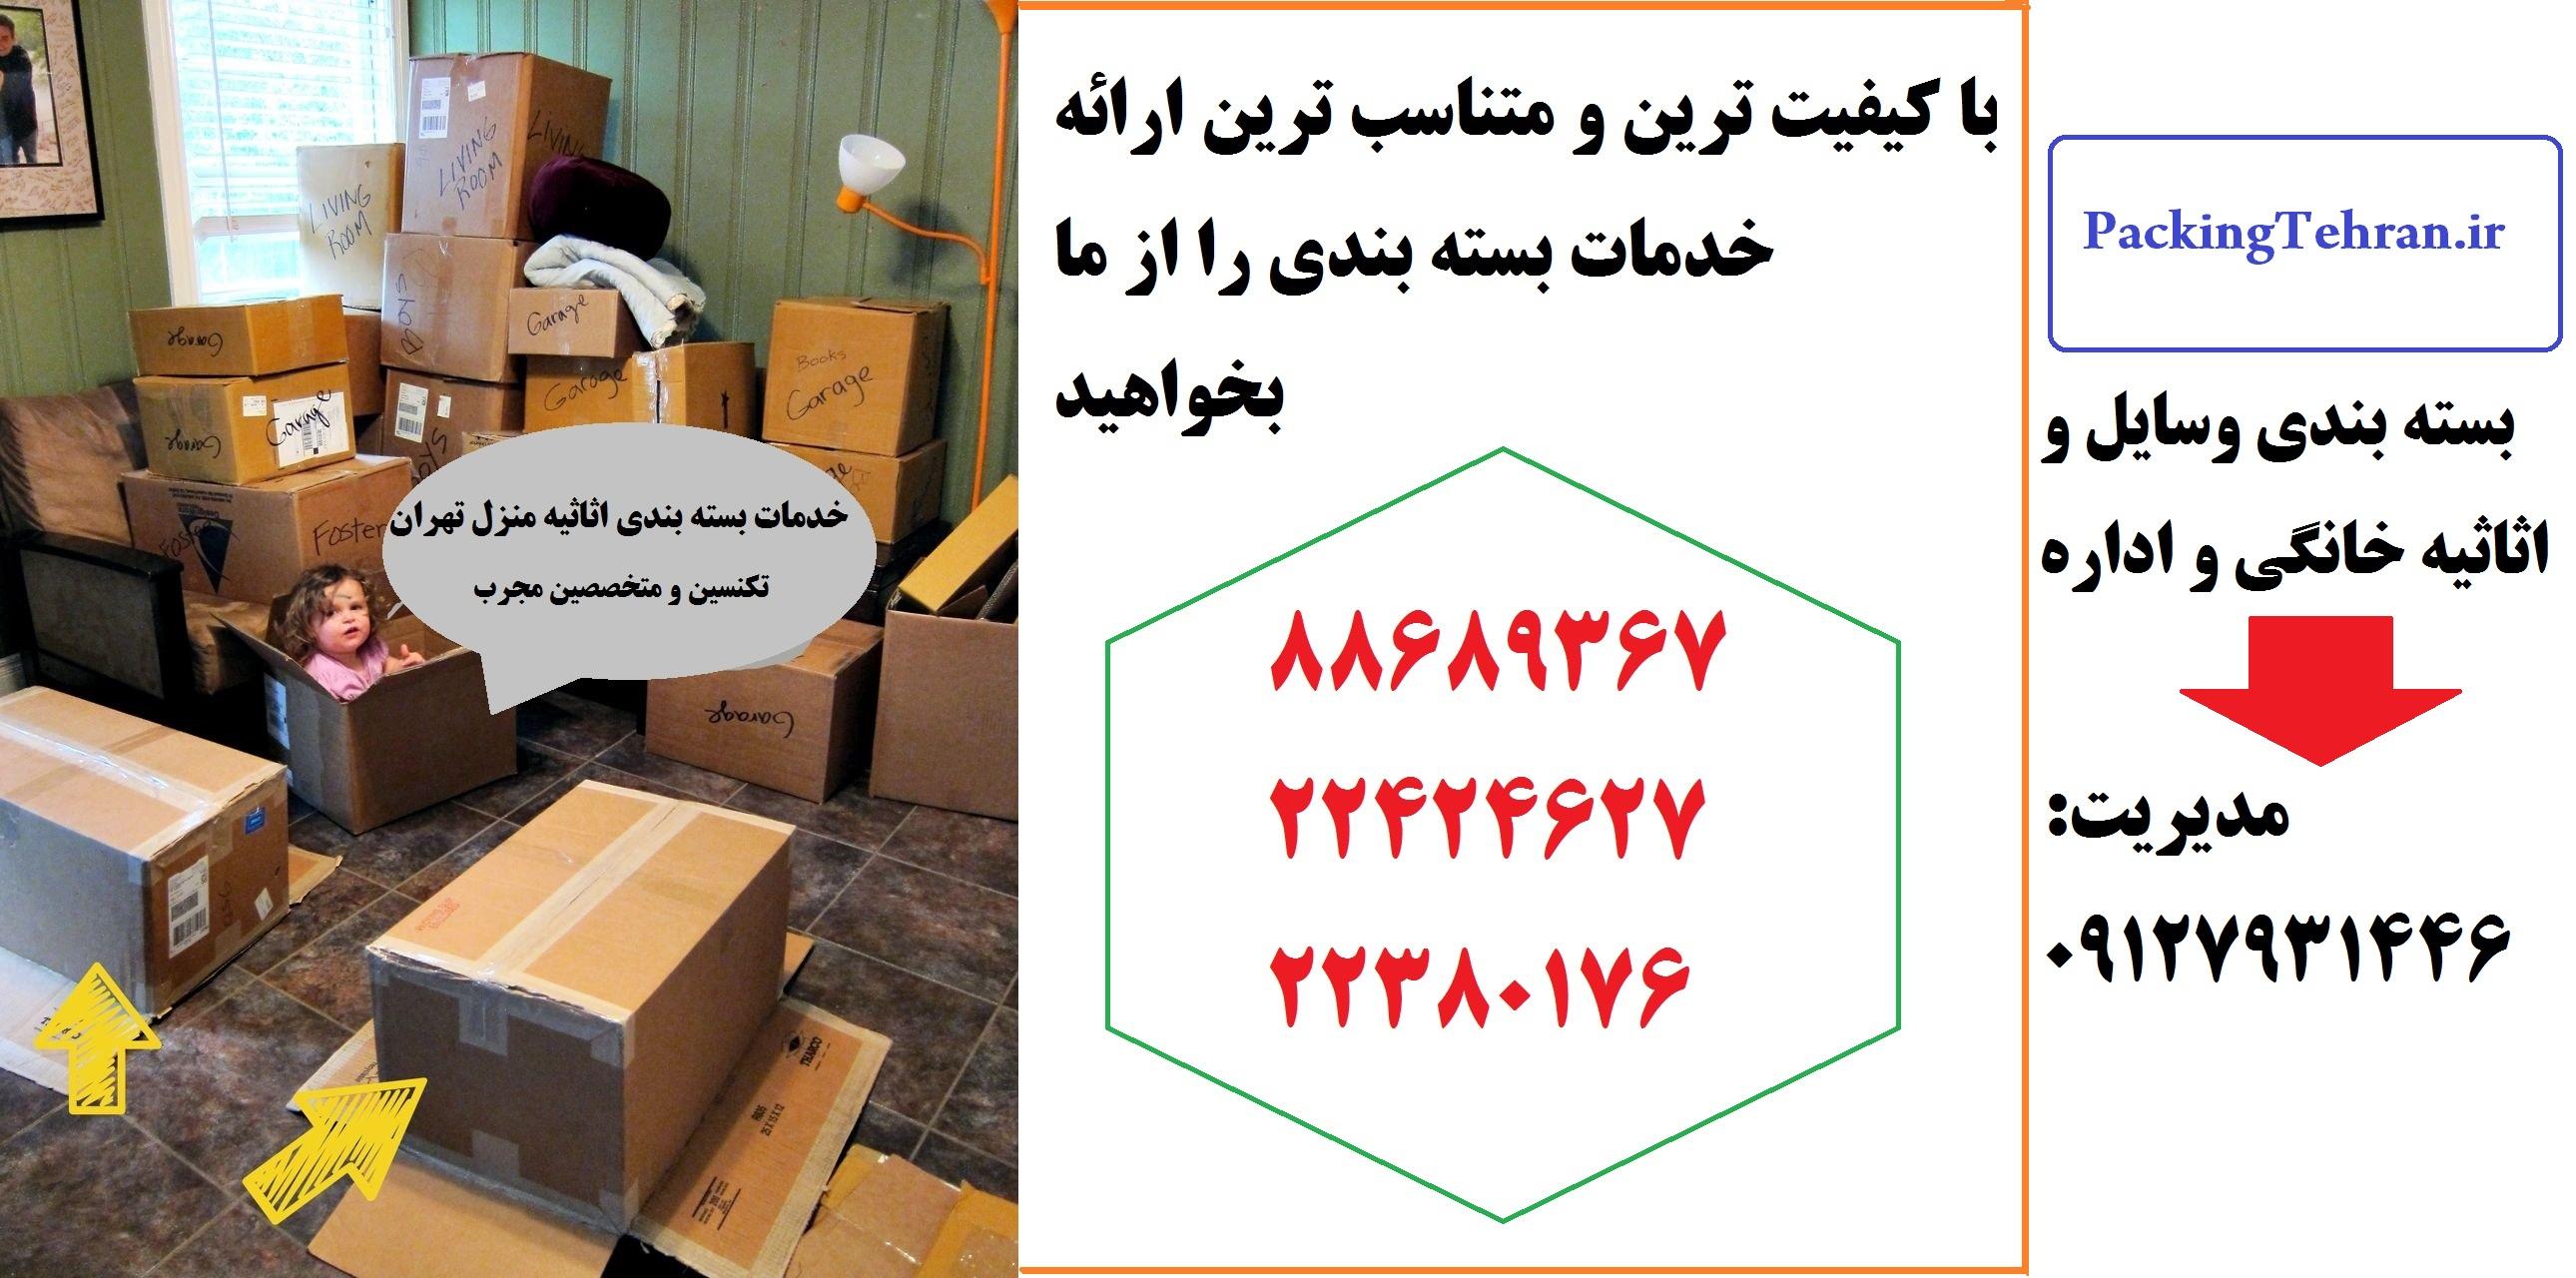 بسته بندی اثاثیه منزل تهران،88689367 بسته بندی اثاثیه منزل تهران